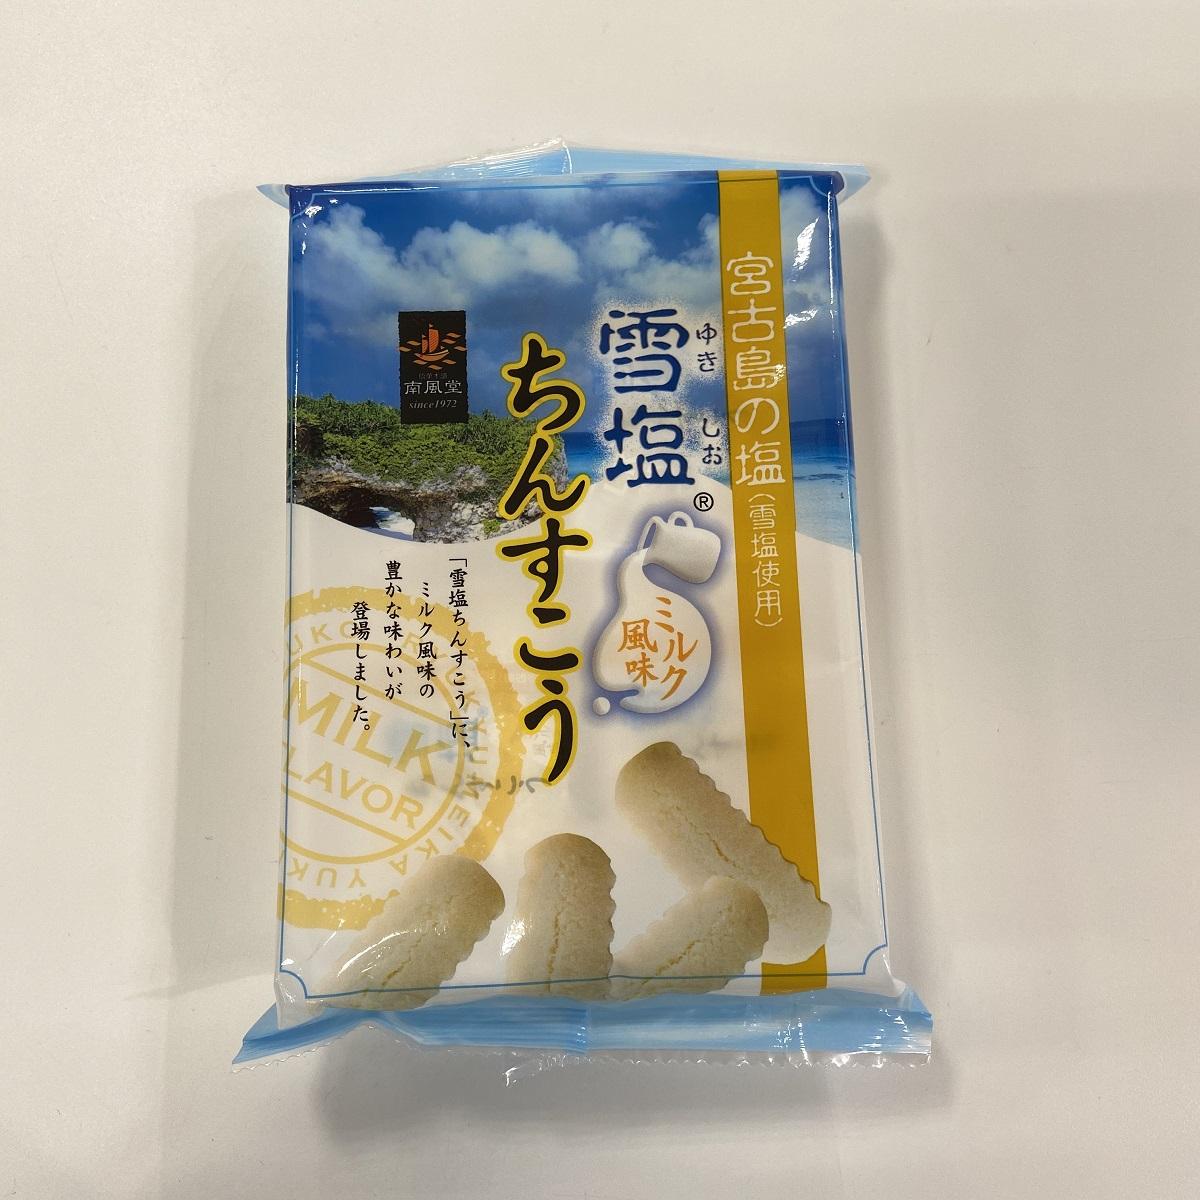 メーカー:南風堂 発売日:2016年07月20日 南風堂 16個 ミルク まとめ買い特価 雪塩ちんすこう 高級品